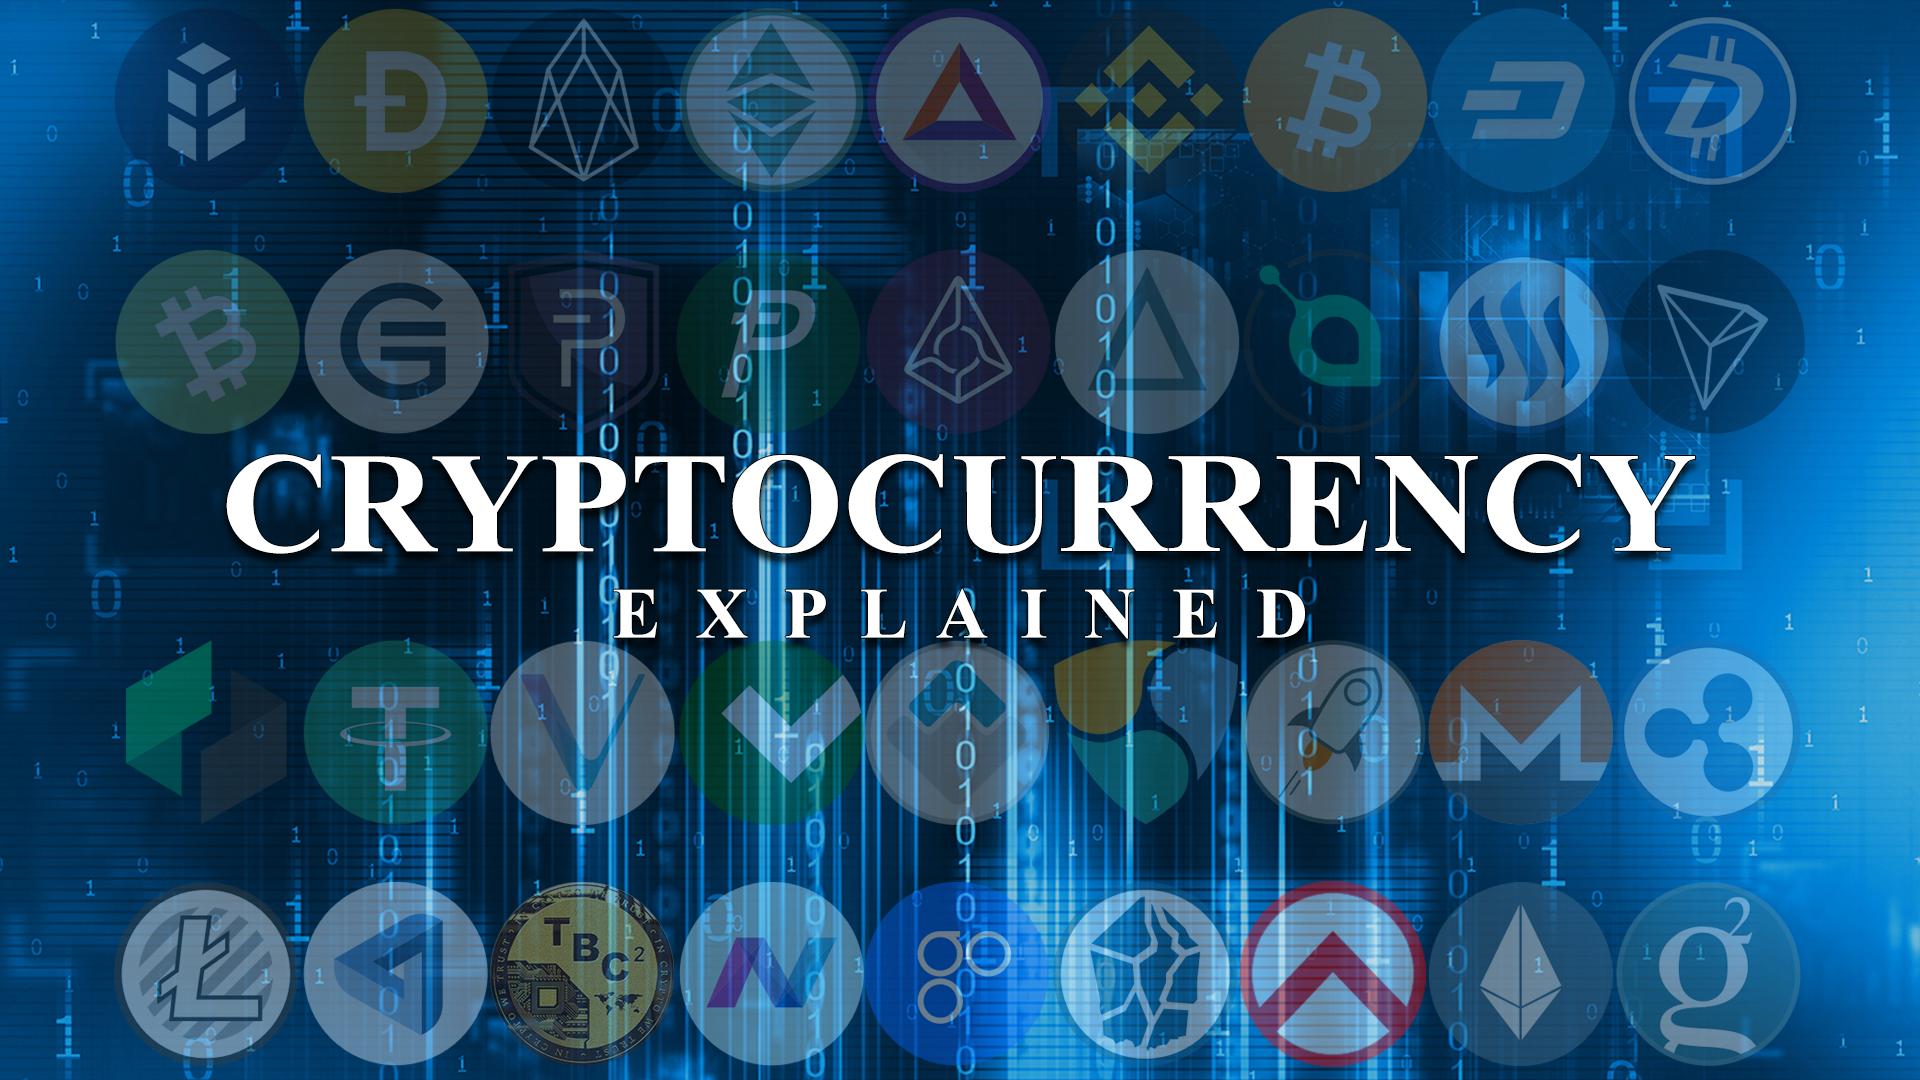 Bus uždraustas bitcoin?. Kriptovaliutos